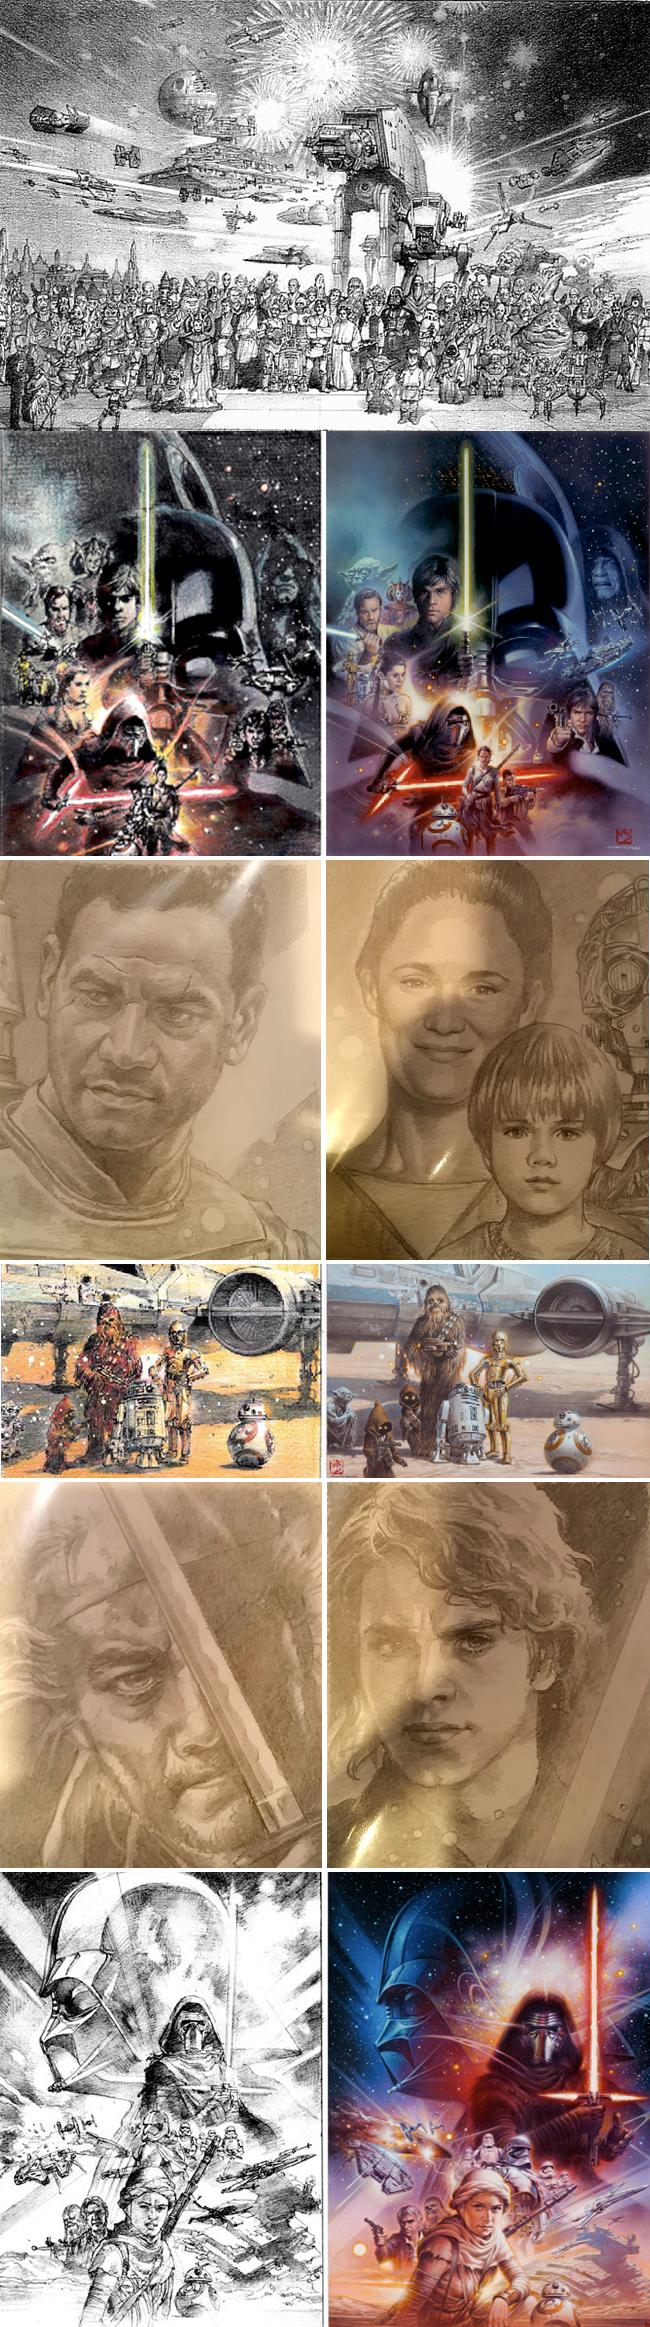 Tsuneo Sanda_Academia C10_Carlos Diez_Star Wars_Clases_Dibujo_Expocomic-Bocetos-Cursos